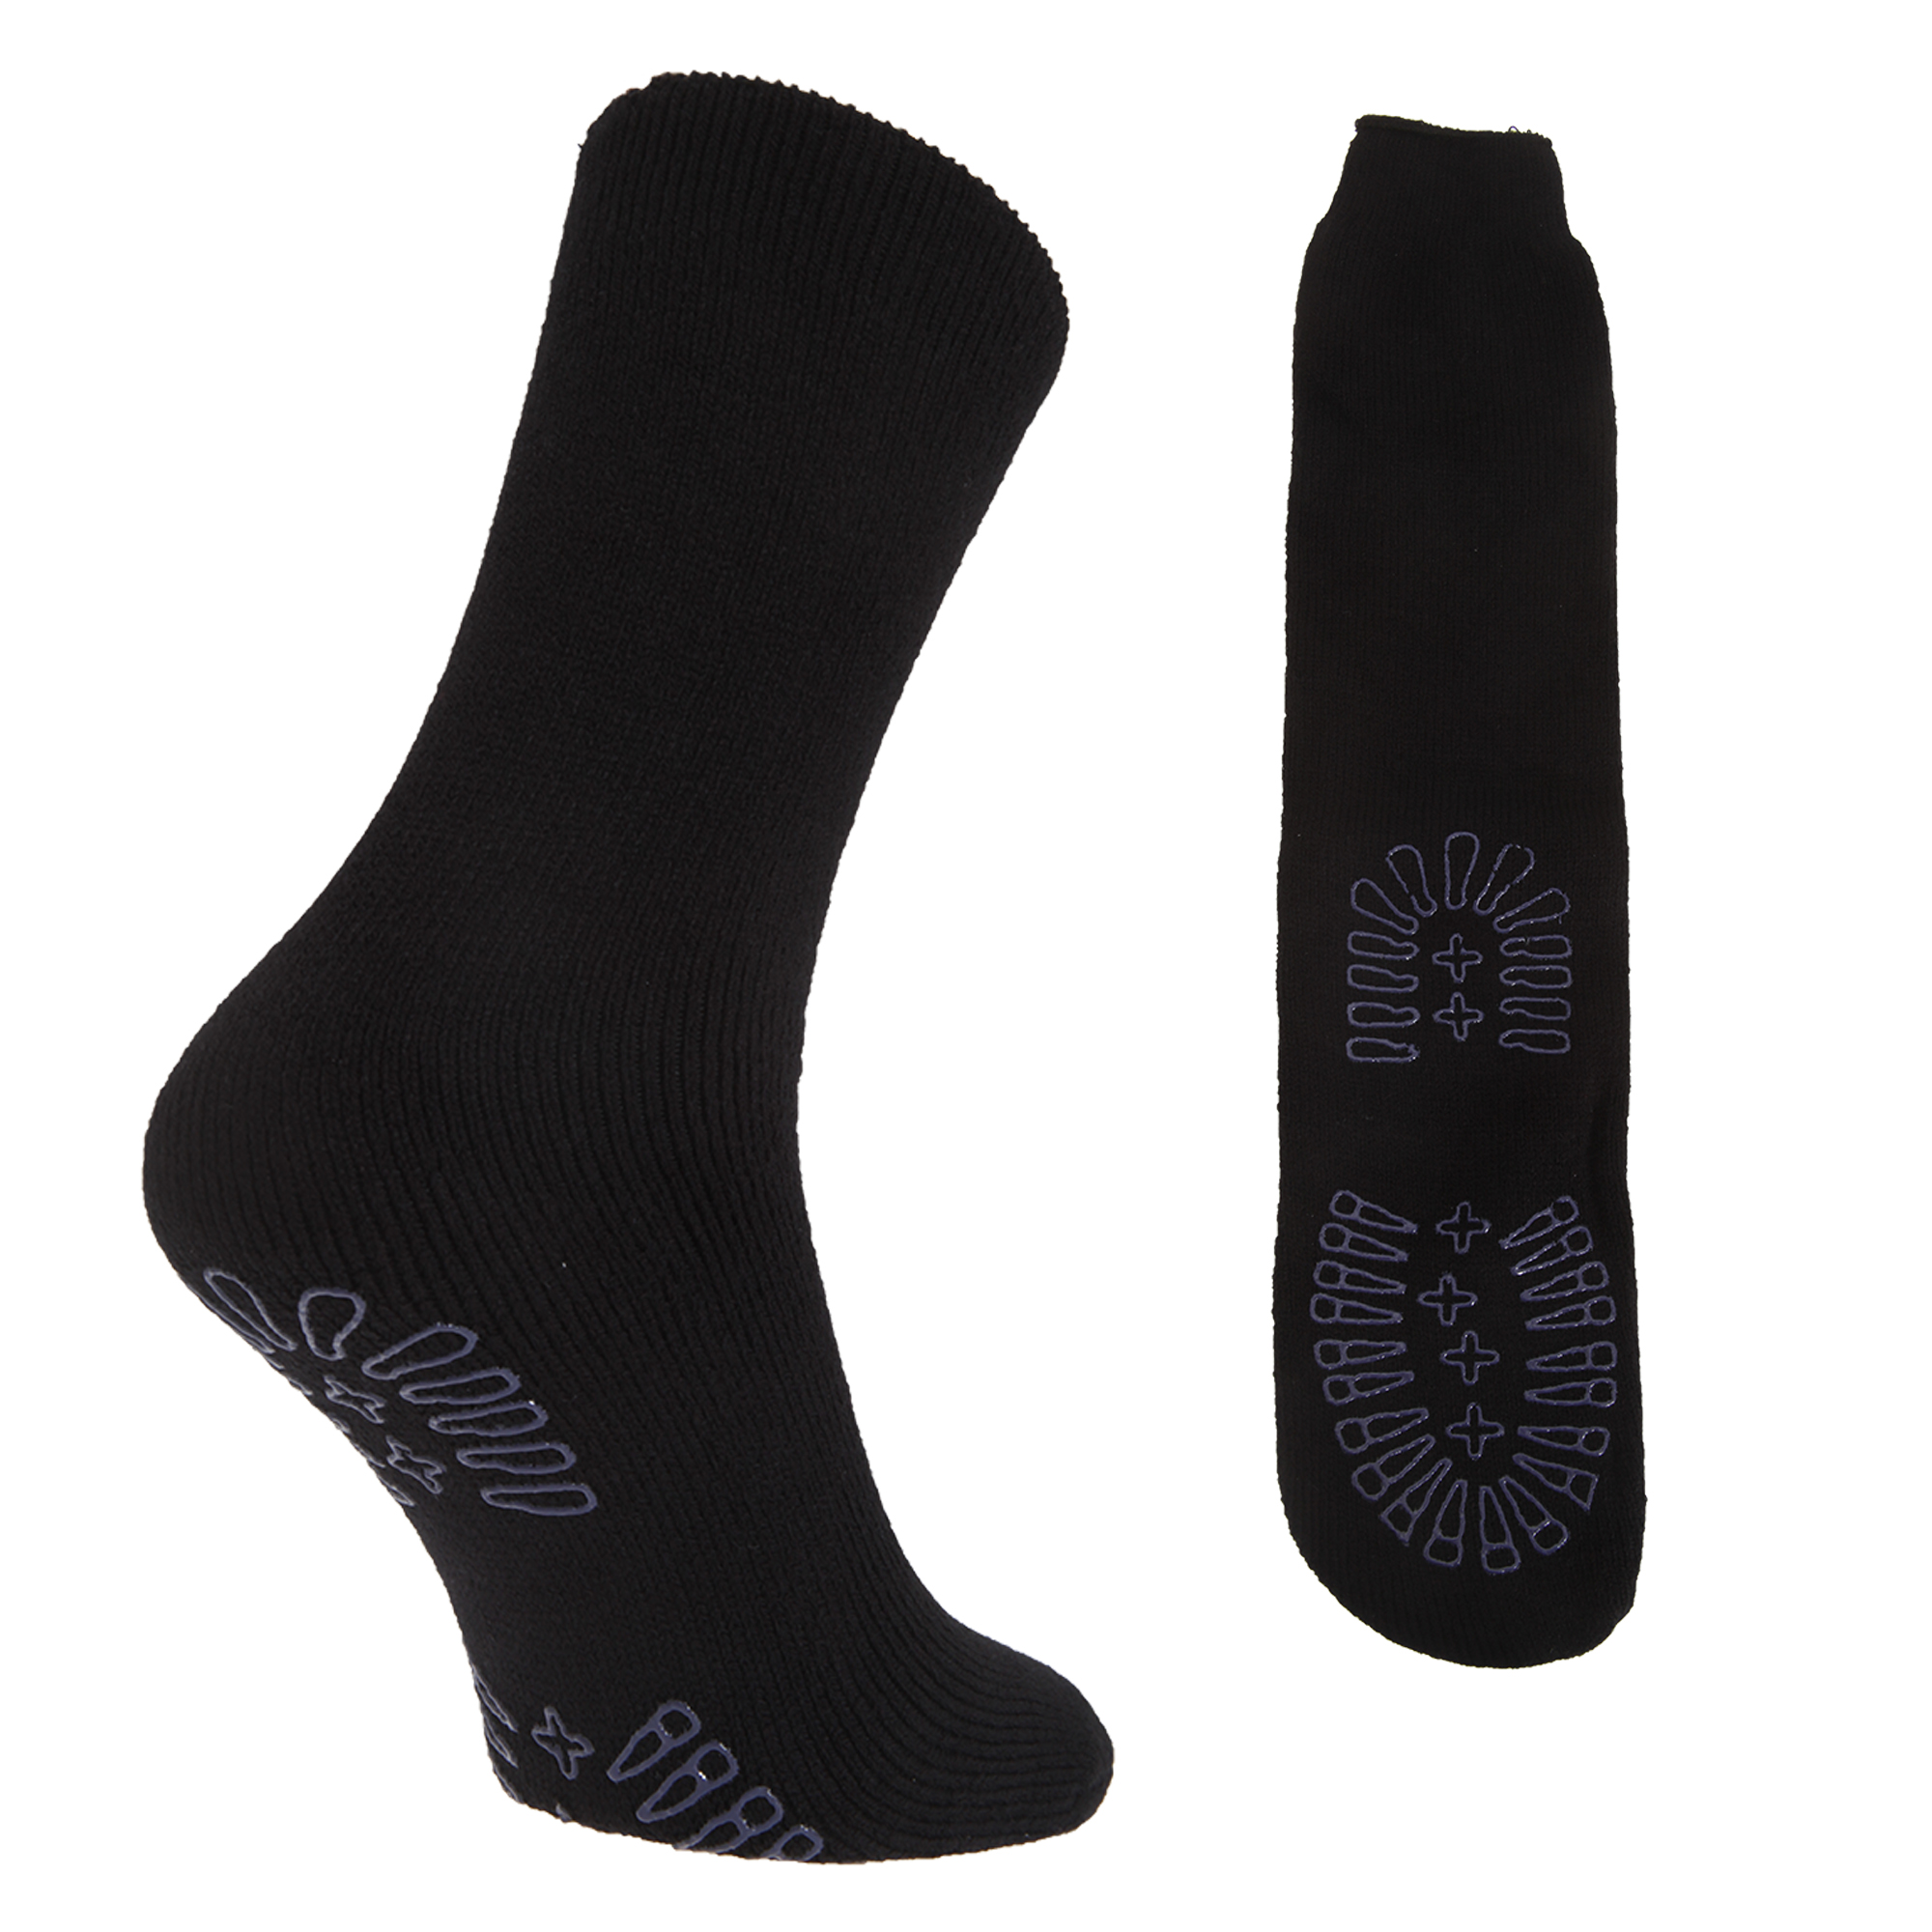 chaussettes chaussons thermiques et antid rapantes 1 paire homme eur 41 46 ebay. Black Bedroom Furniture Sets. Home Design Ideas